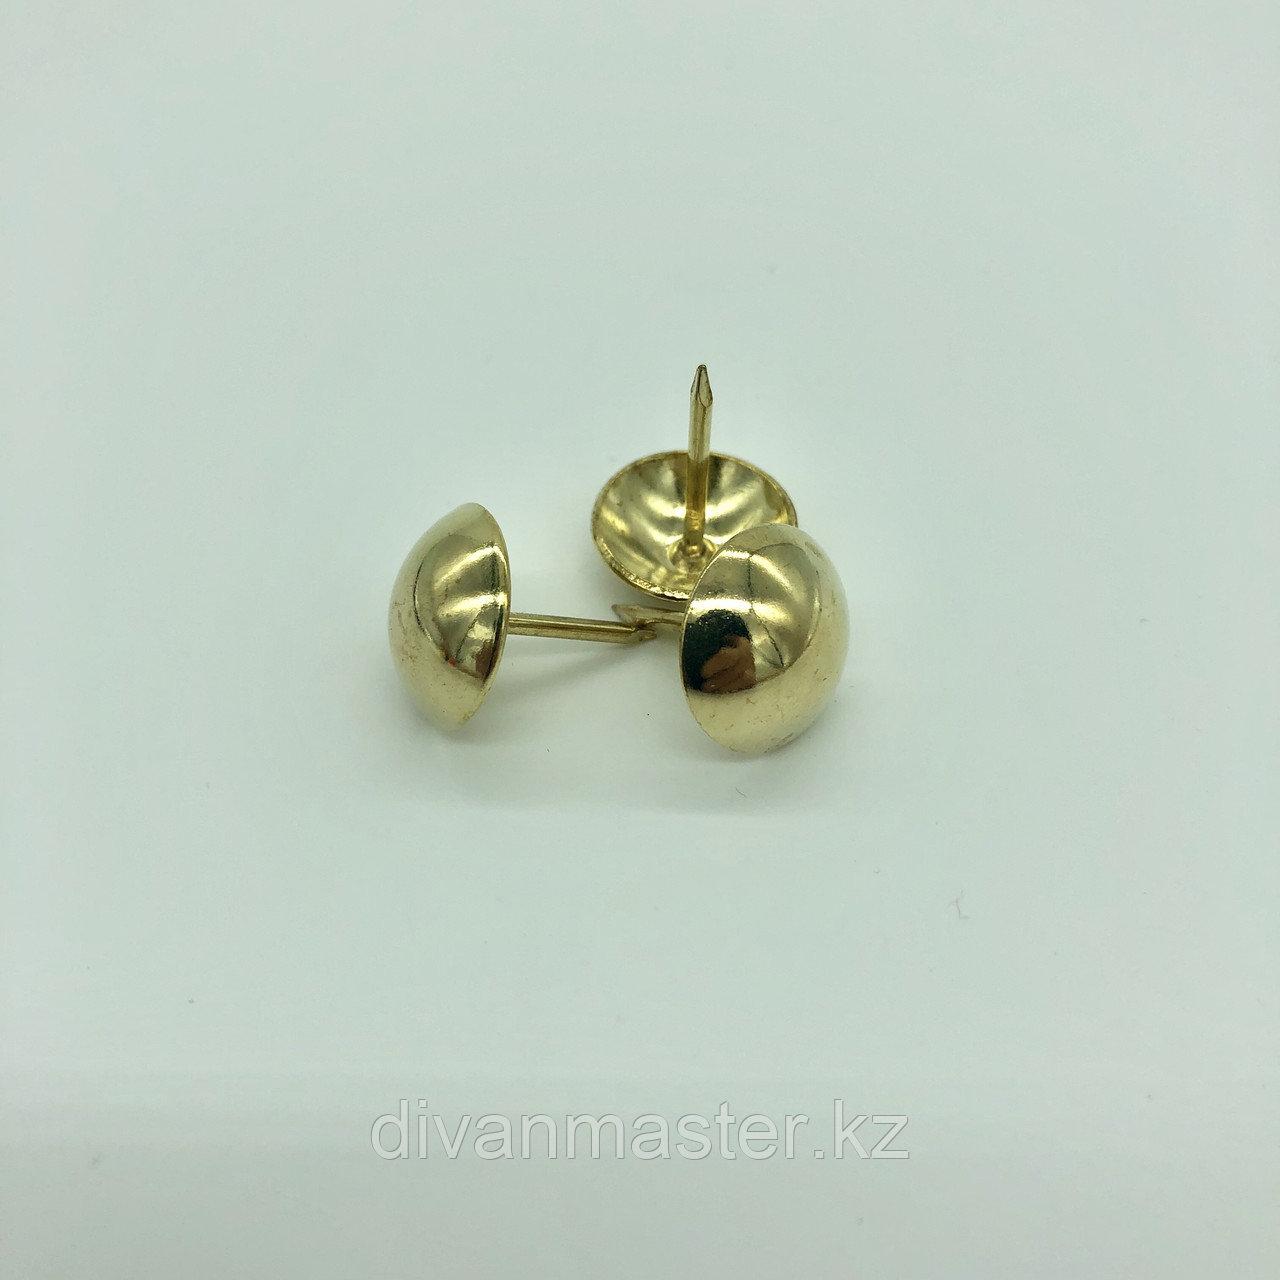 Гвозди декоративные 19 мм, золото - 200 штук.Китай